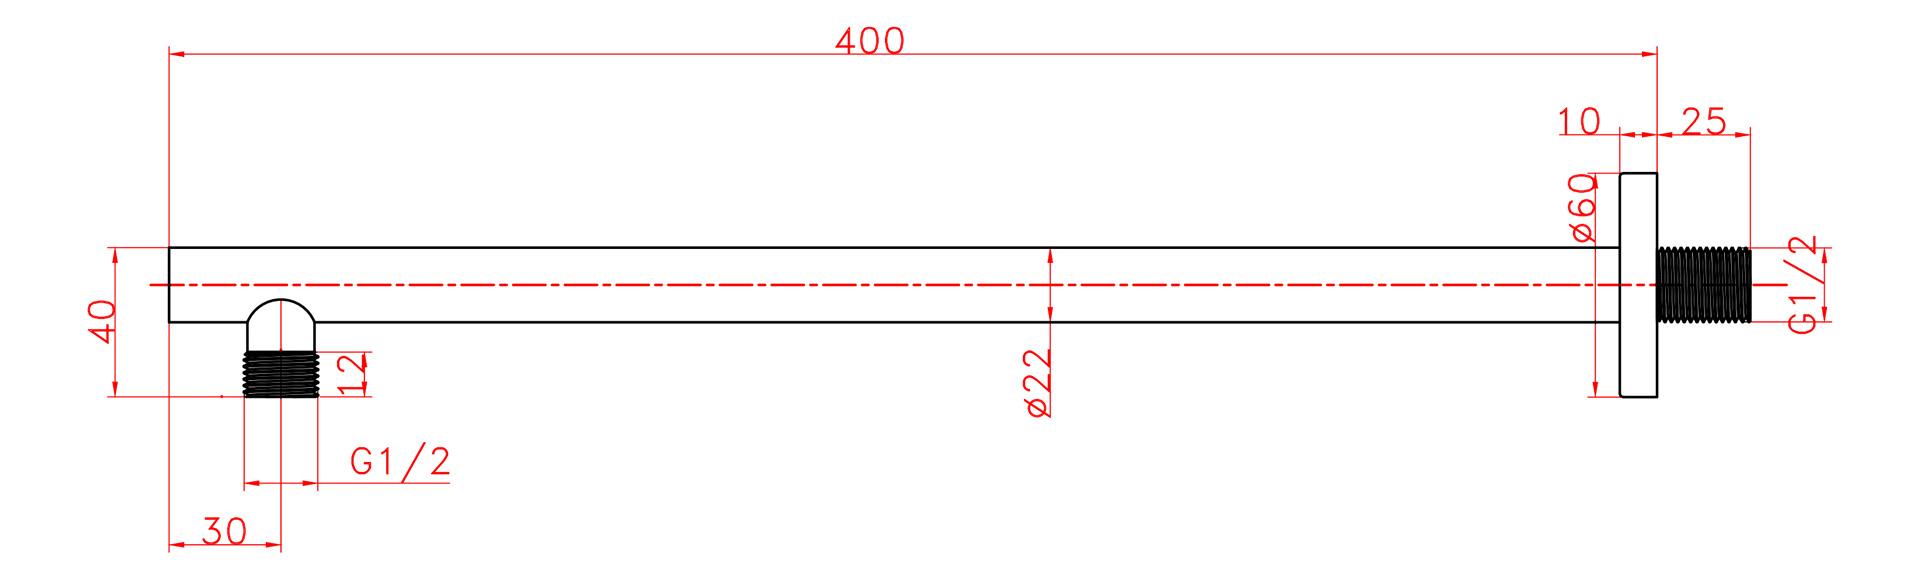 40 cm Designer Brausearm für Regenbrausen (rund)